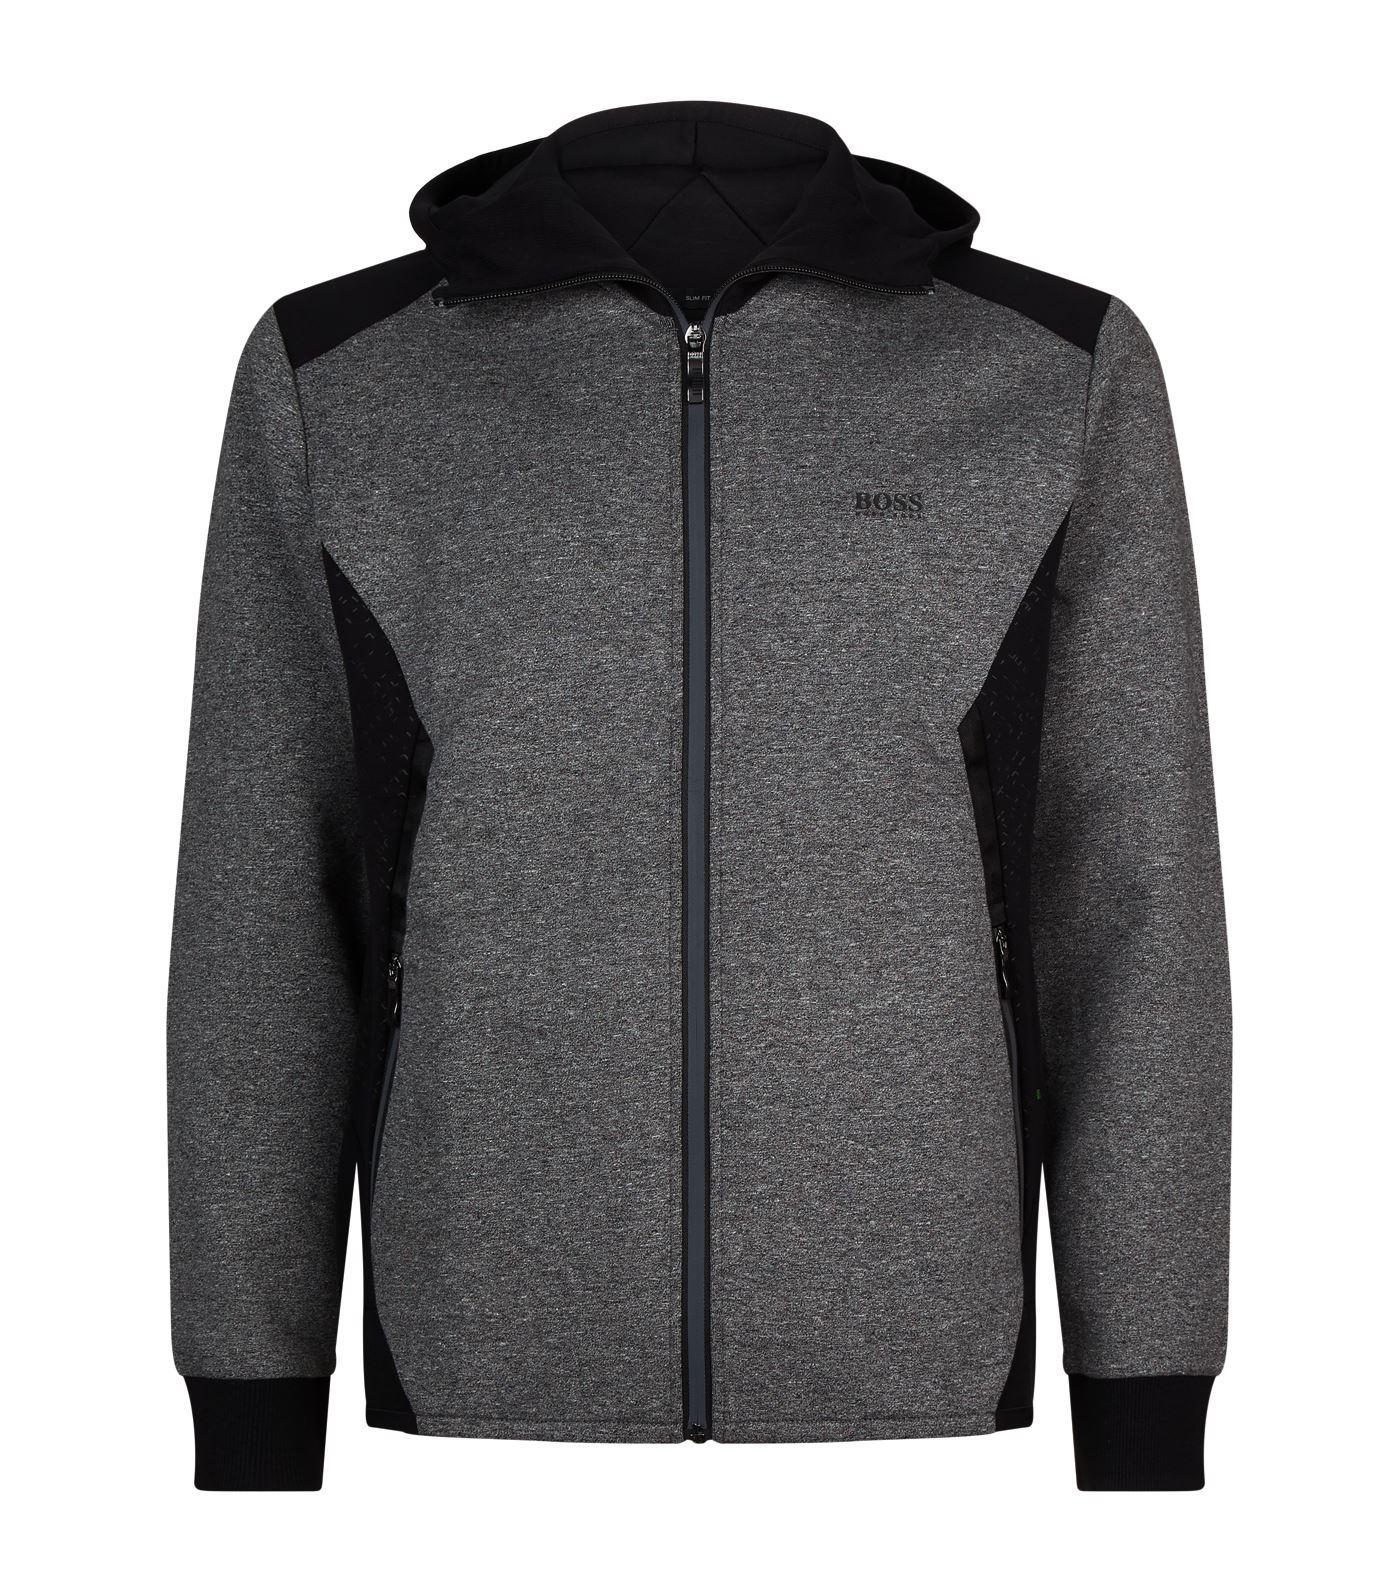 Hugo Boss Men/'s Saggy Hoodie Sweatshirt Jacket Zip Up Logo 50387166 001 Black